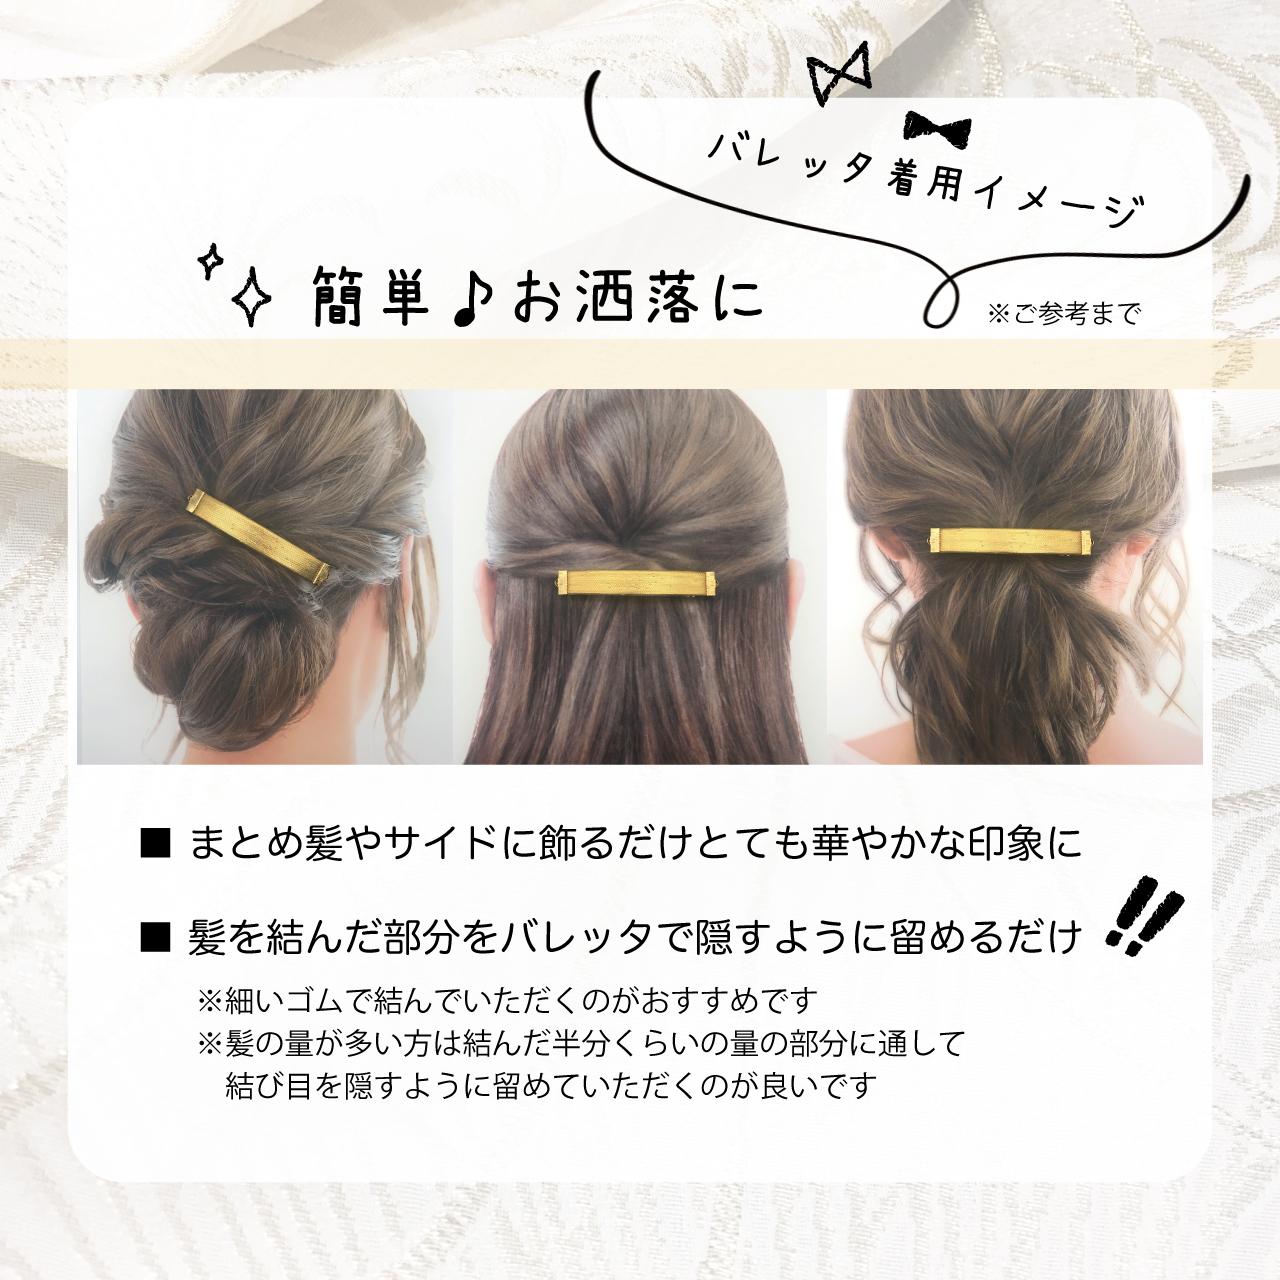 【西陣織バレッタ】高級生地を使用!着物(浴衣/和装/和風)に似合う髪飾り♪もちろん、普段使いも◎着けるだけで簡単!お洒落に[5730]